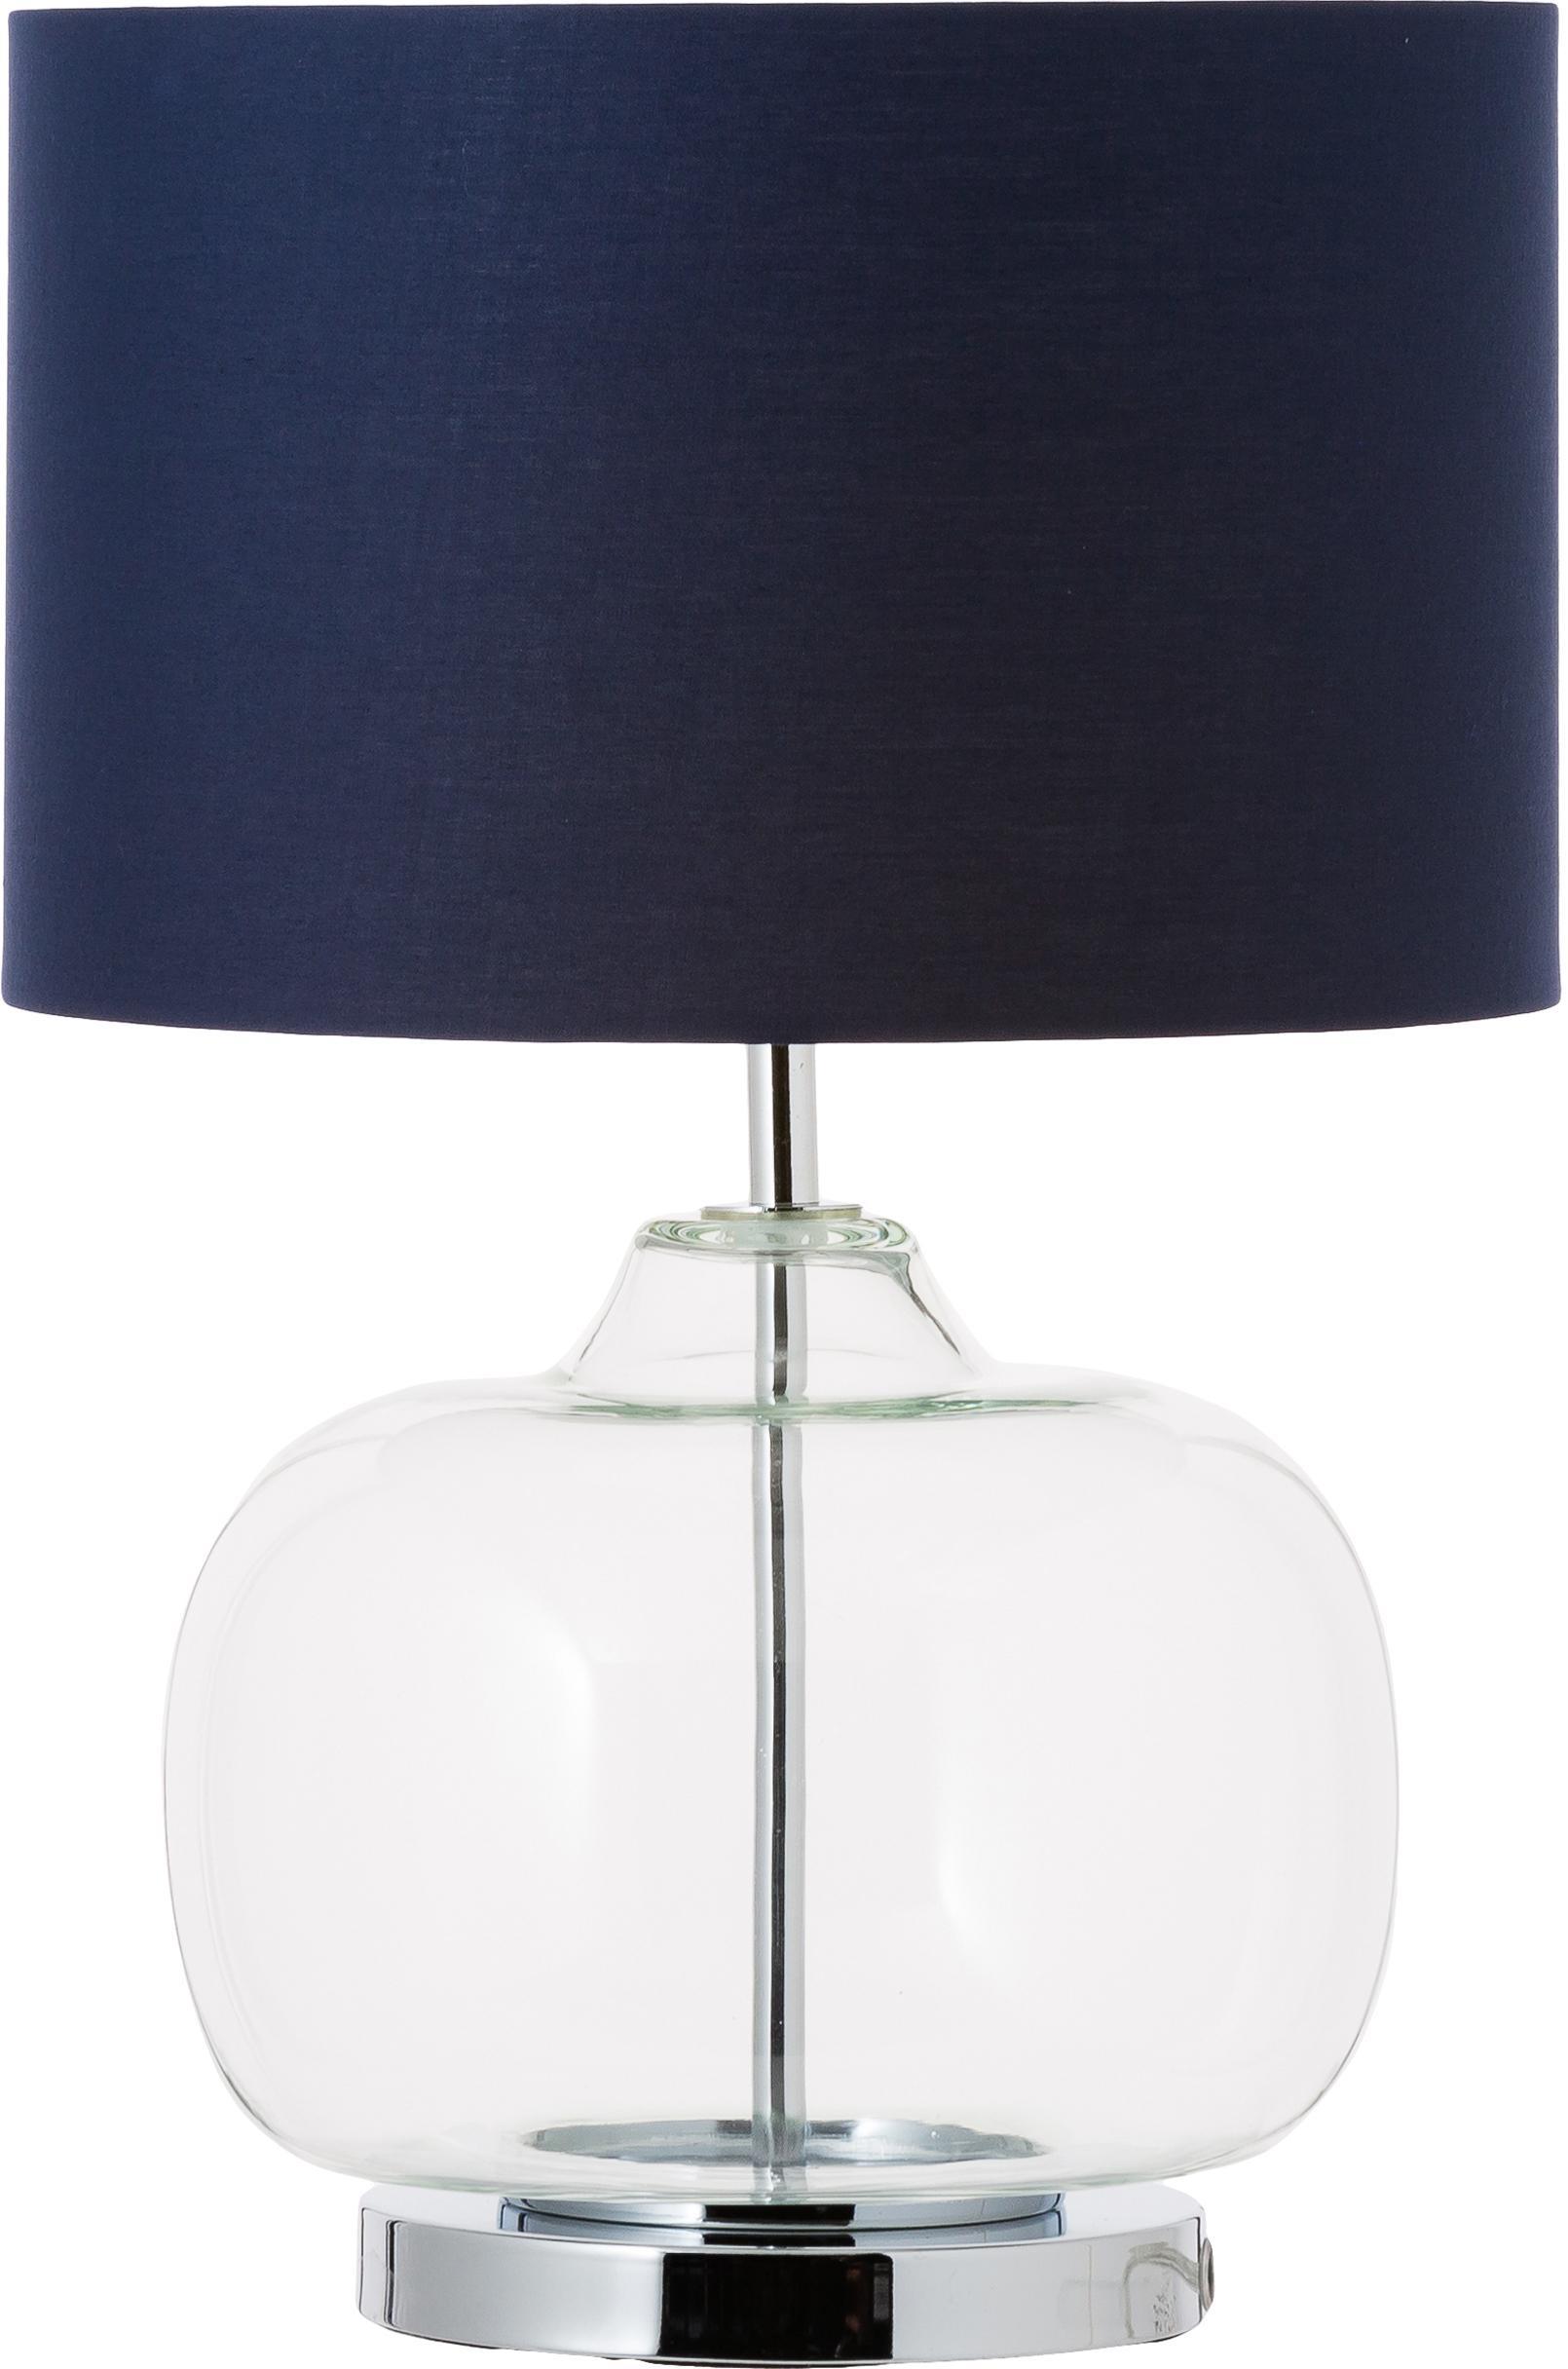 Tafellamp Amelia van glas en katoen, Lampvoet: glas, Lampenkap: katoen, Voetstuk: verchroomd metaal, Donkerblauw, Ø 28 x H 41 cm